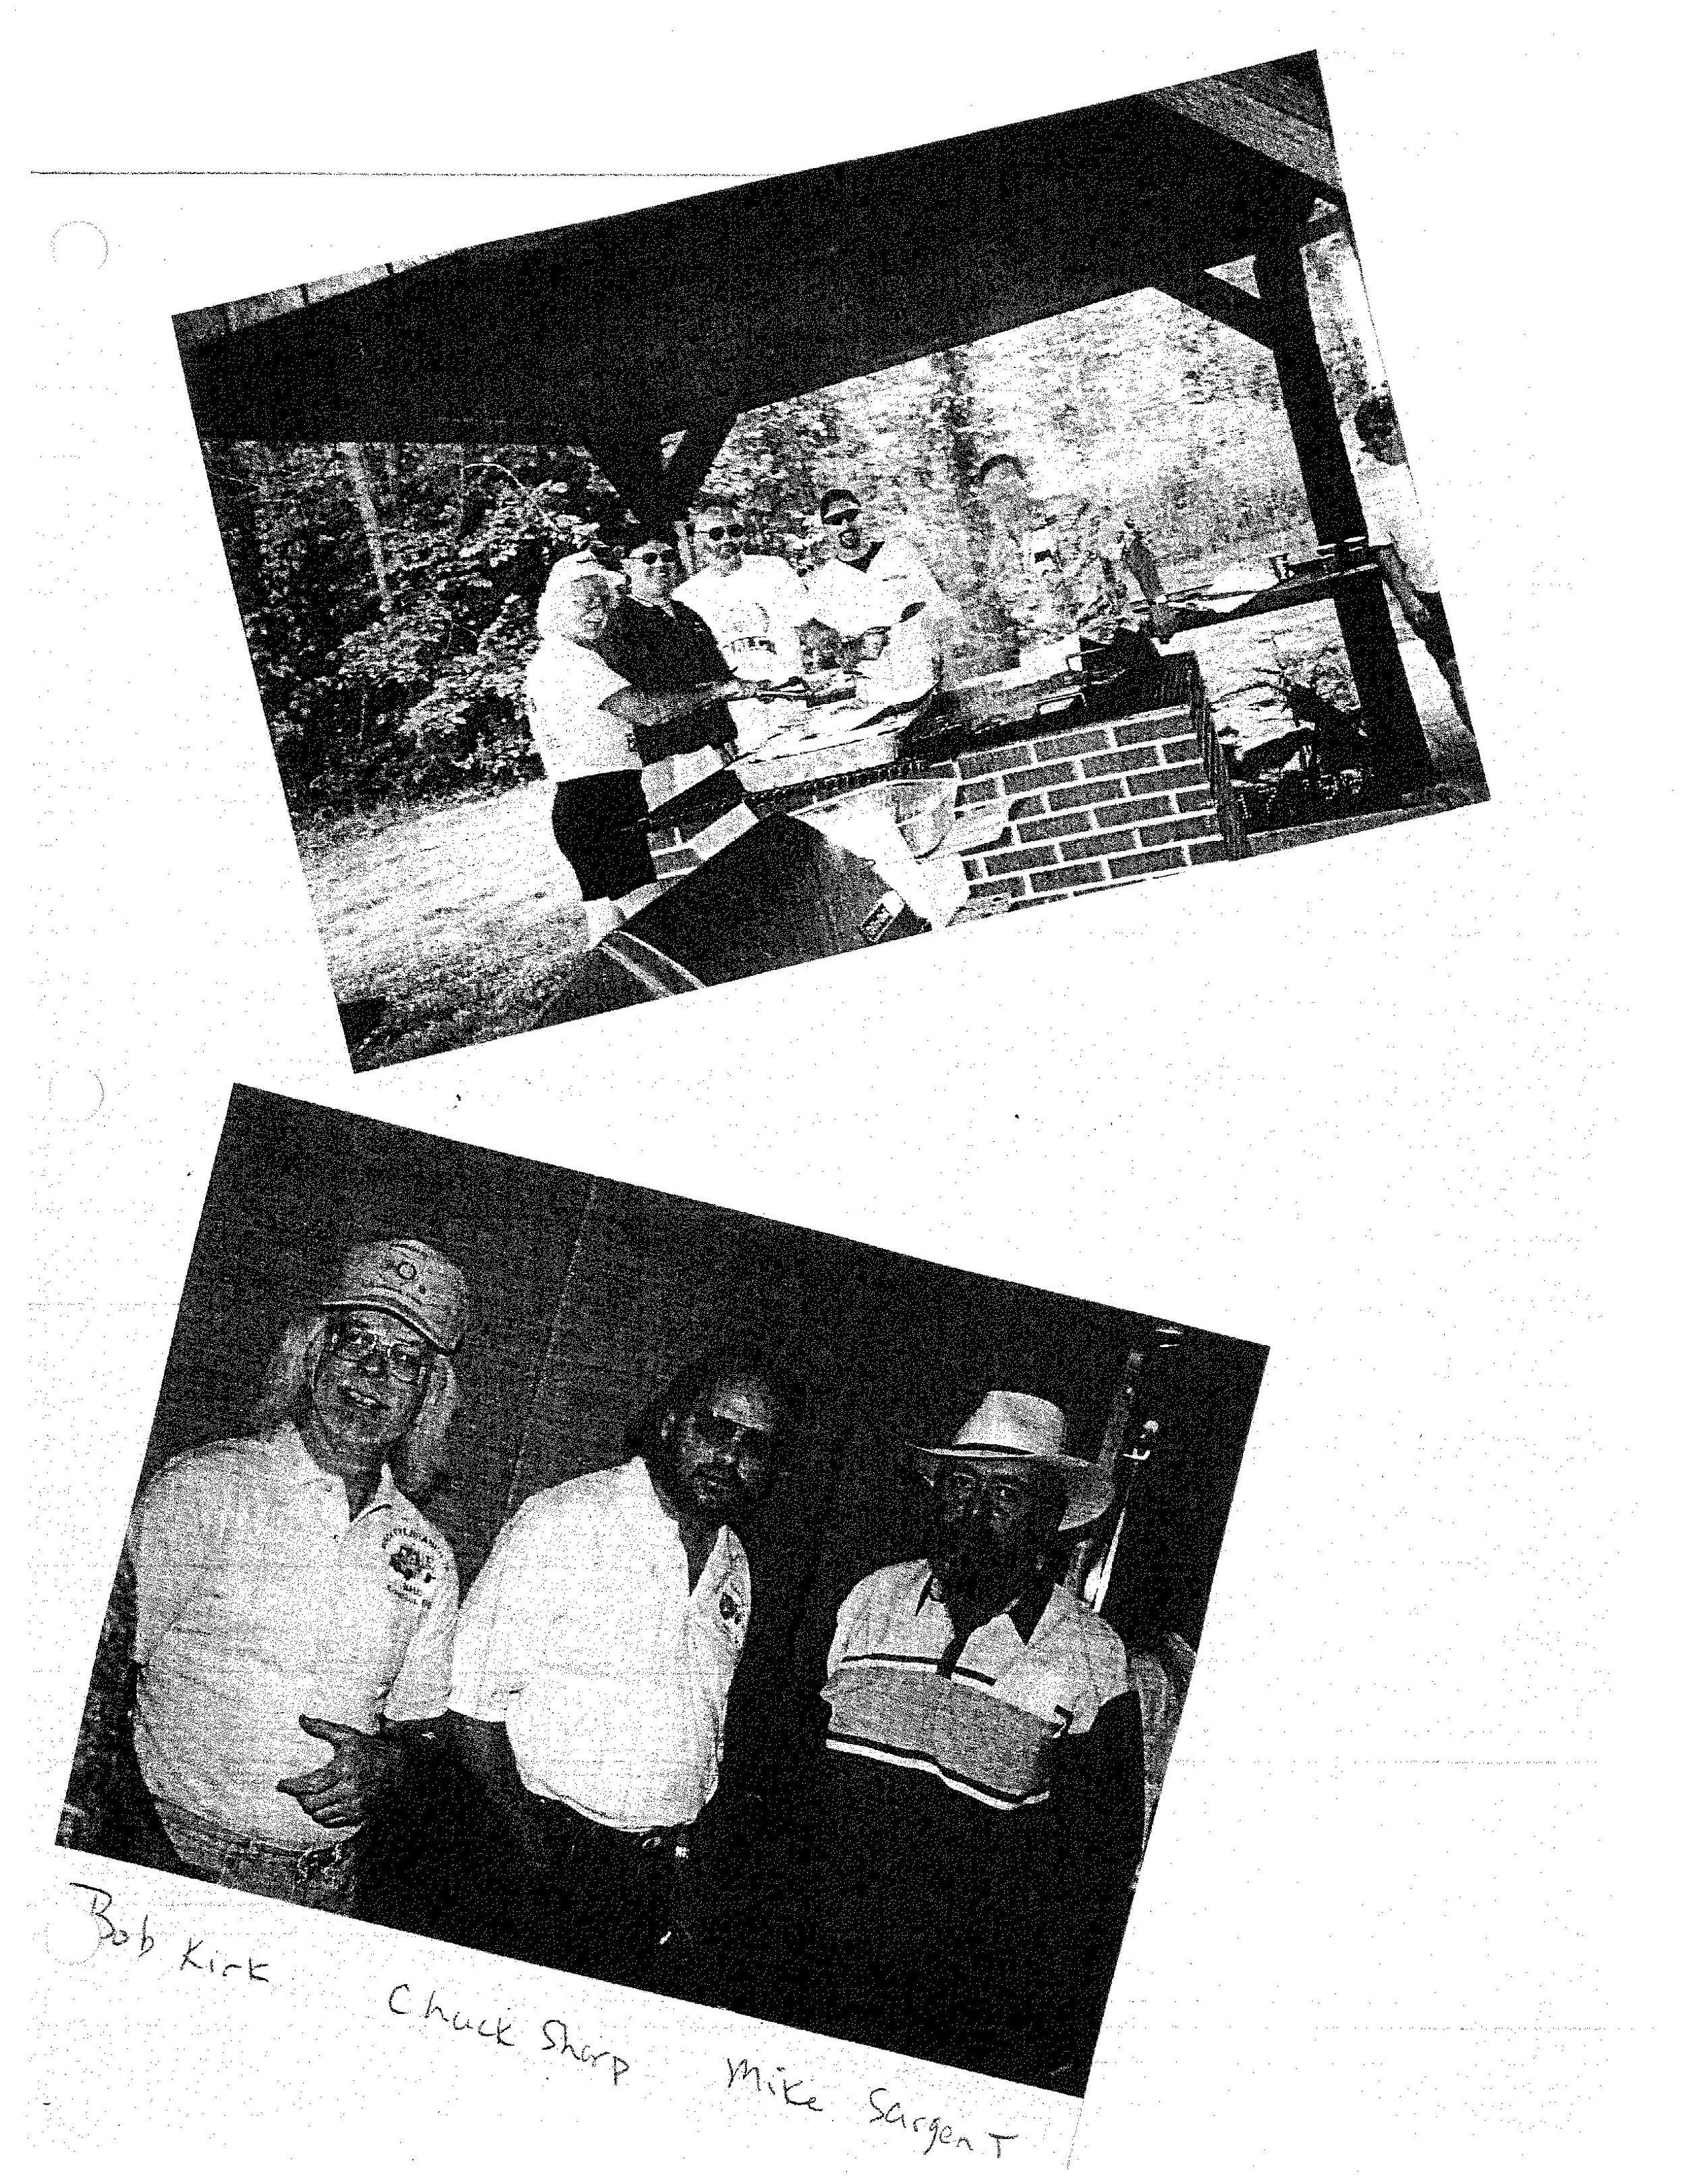 branch 78 history page-0065.jpg